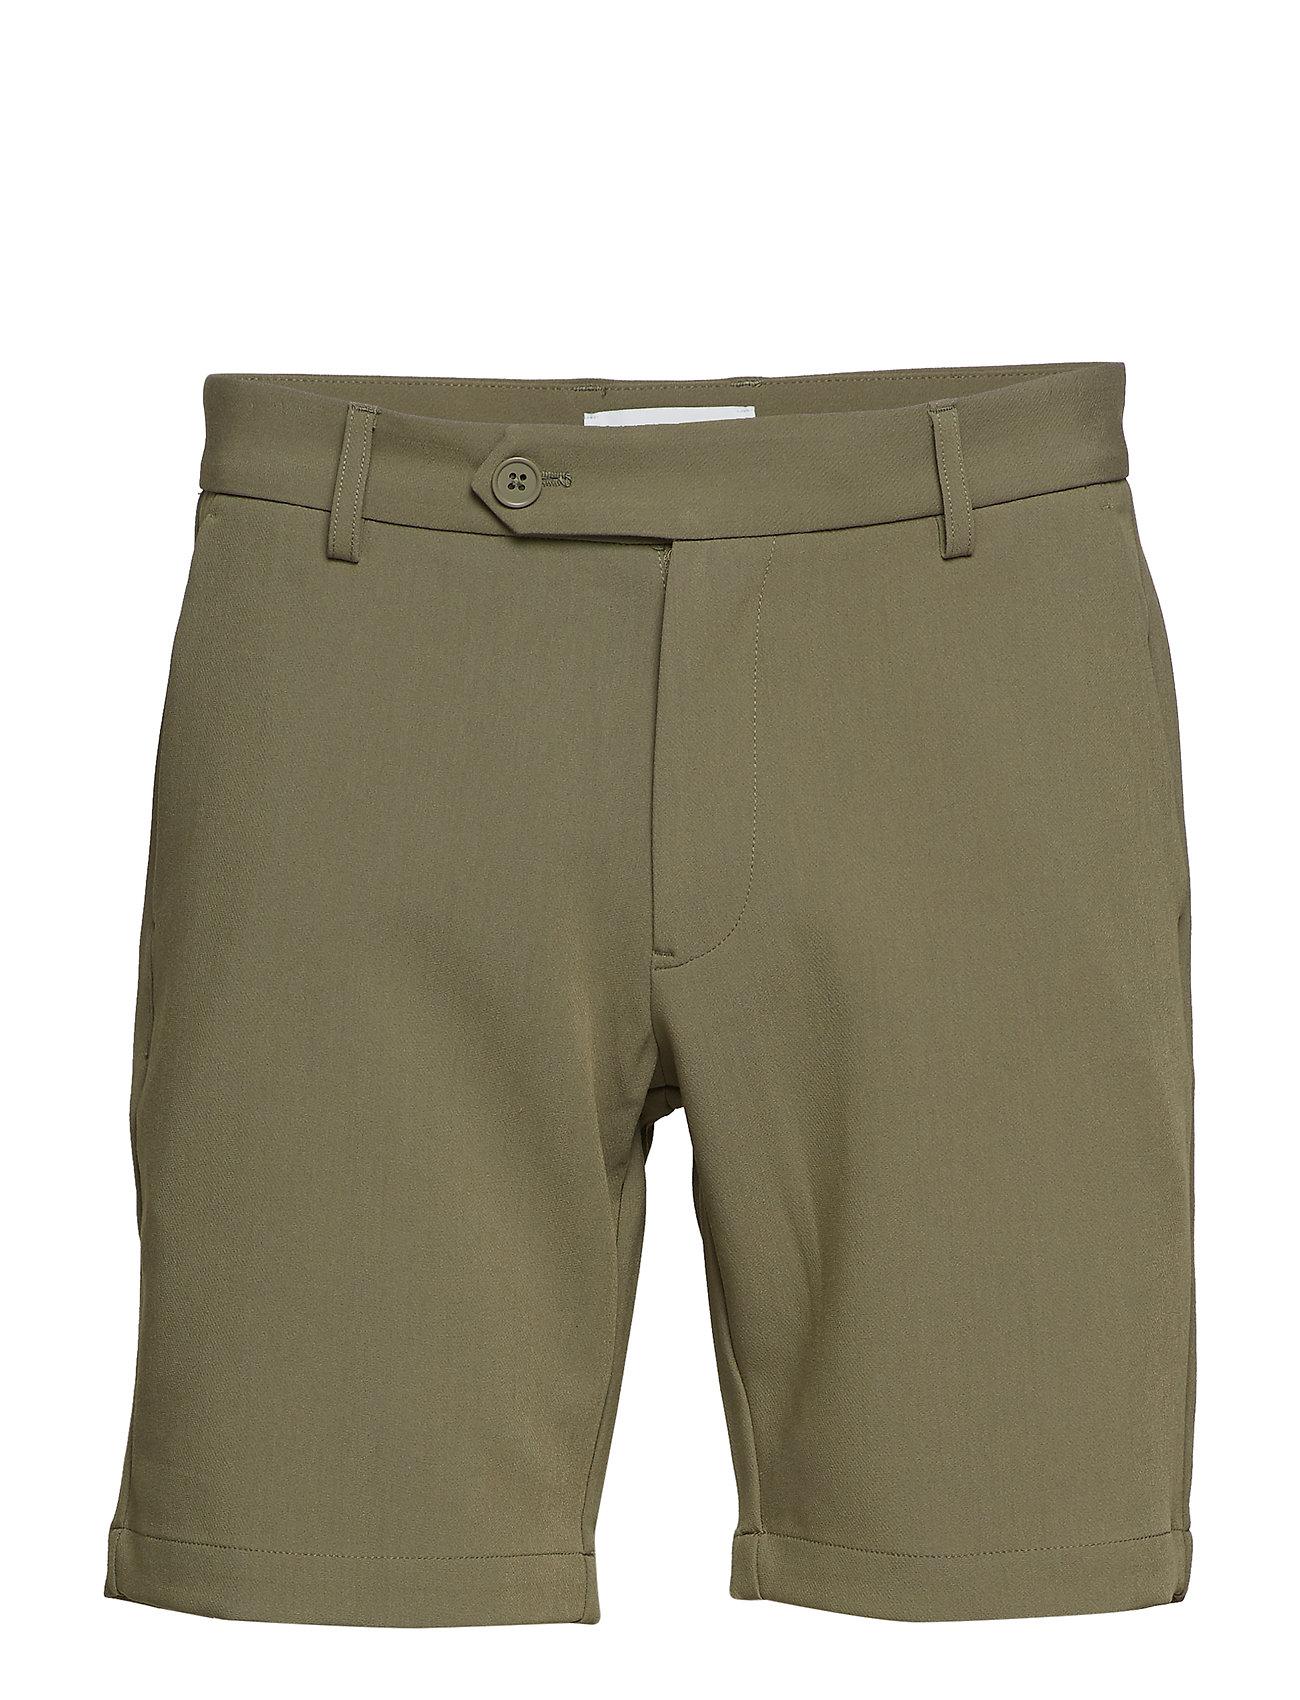 Samsøe & Samsøe Hals shorts 10929 - DEEP LICHEN GREEN